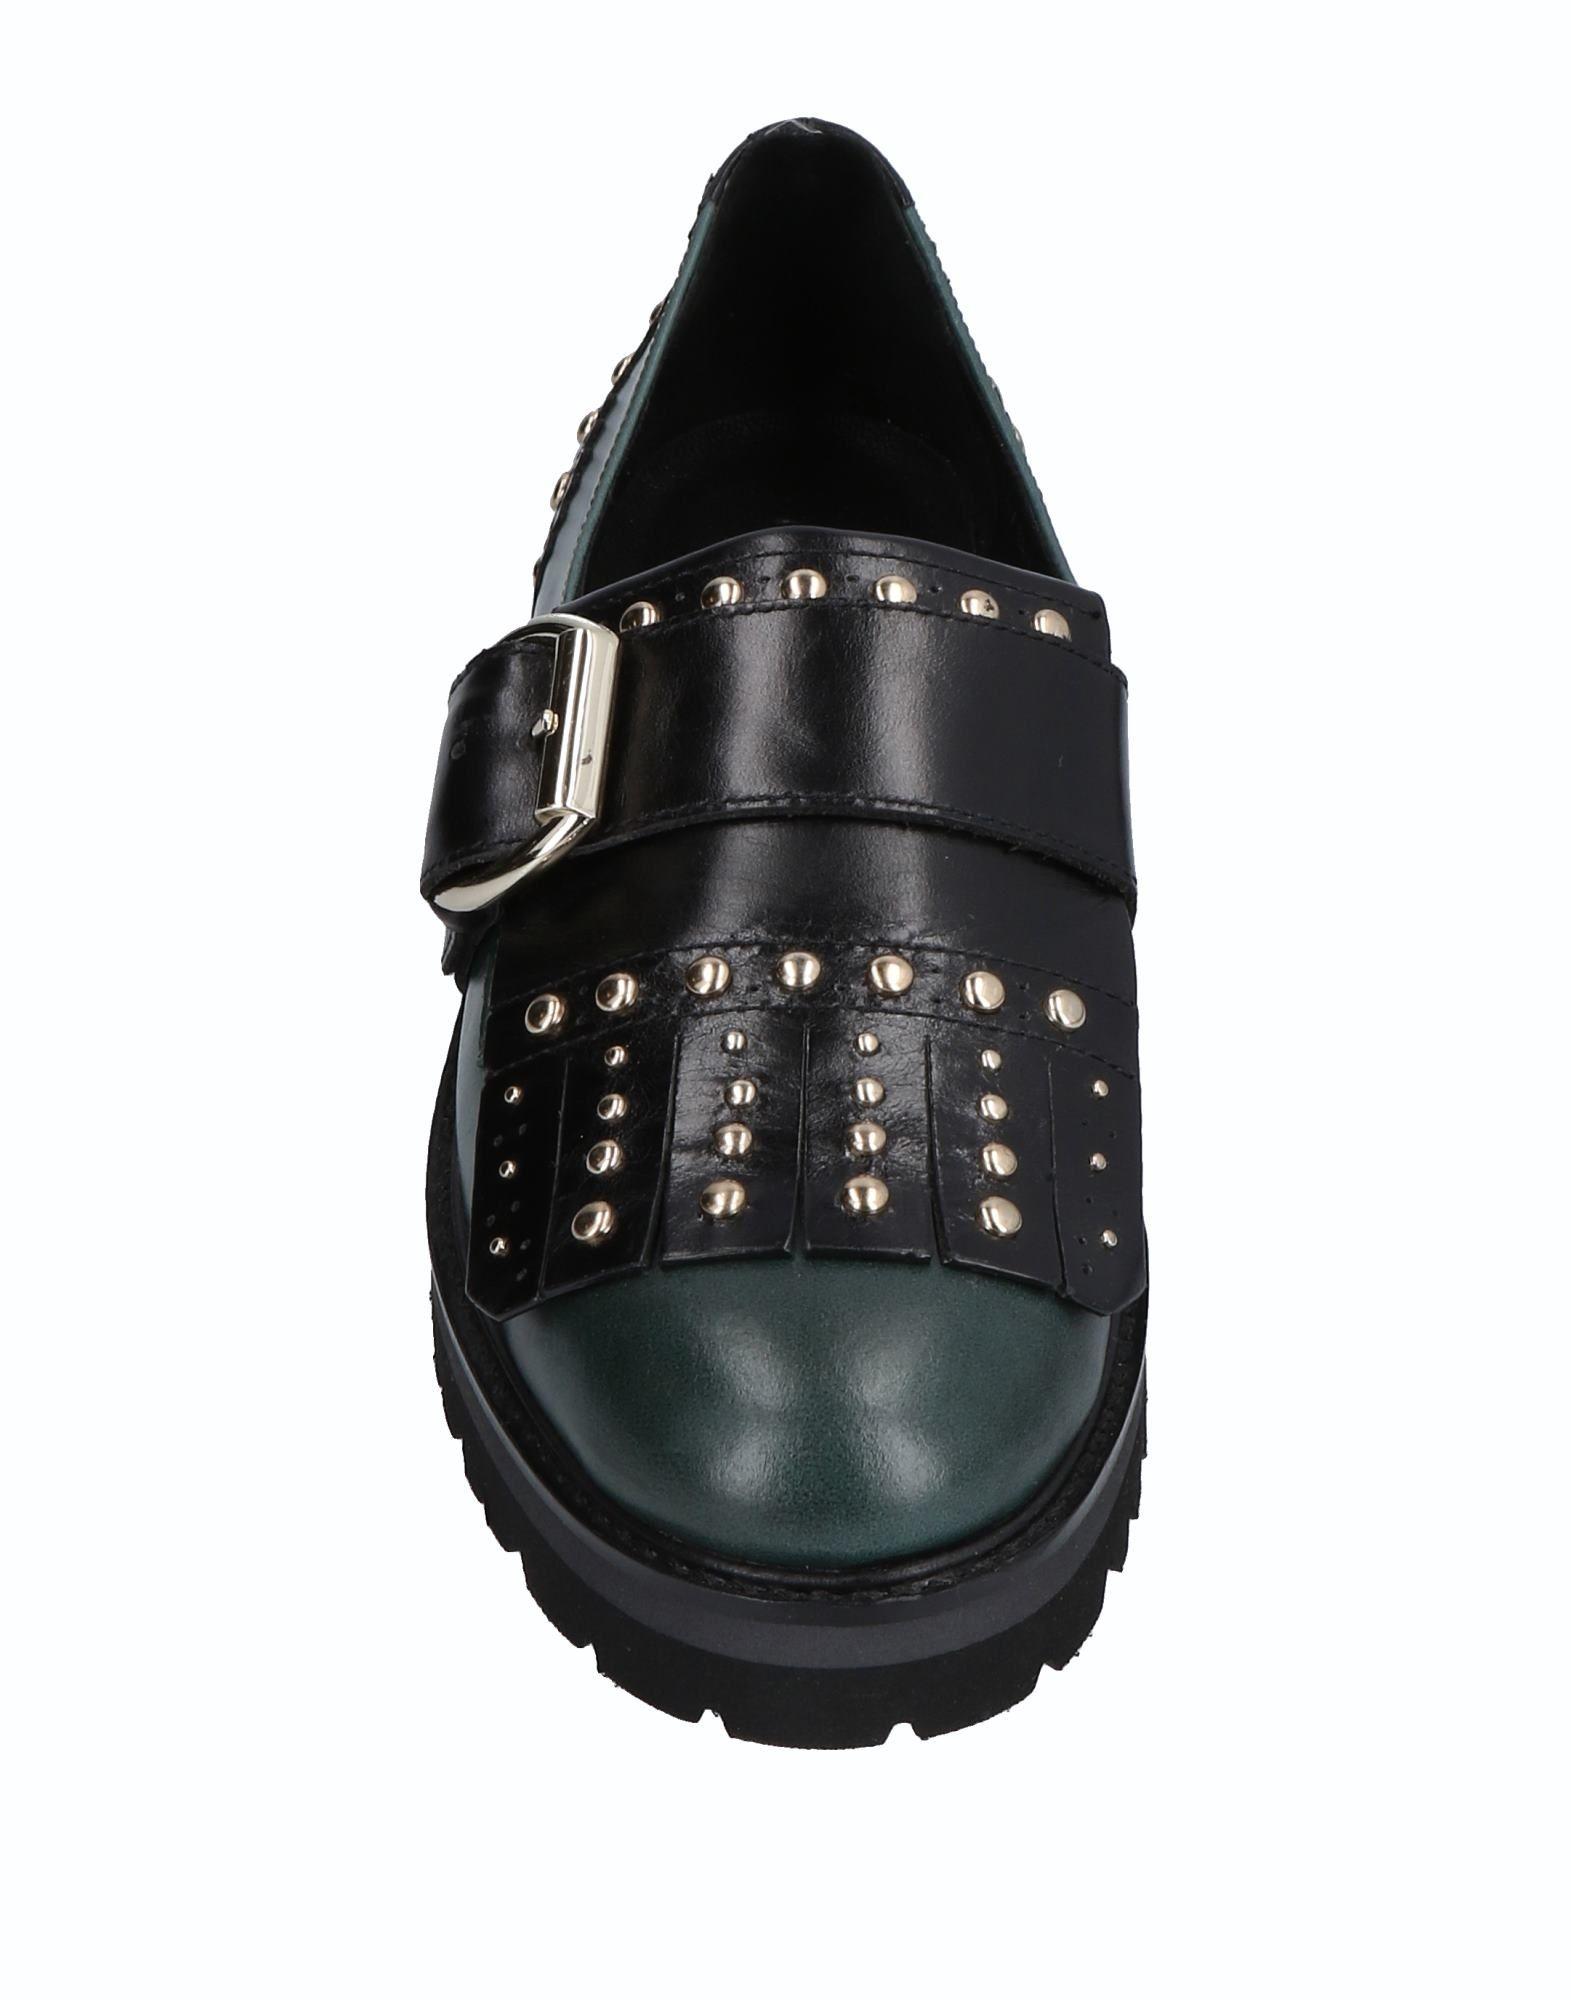 Cris Vergré Mokassins Damen  11512833KC Gute Gute 11512833KC Qualität beliebte Schuhe 7d447b